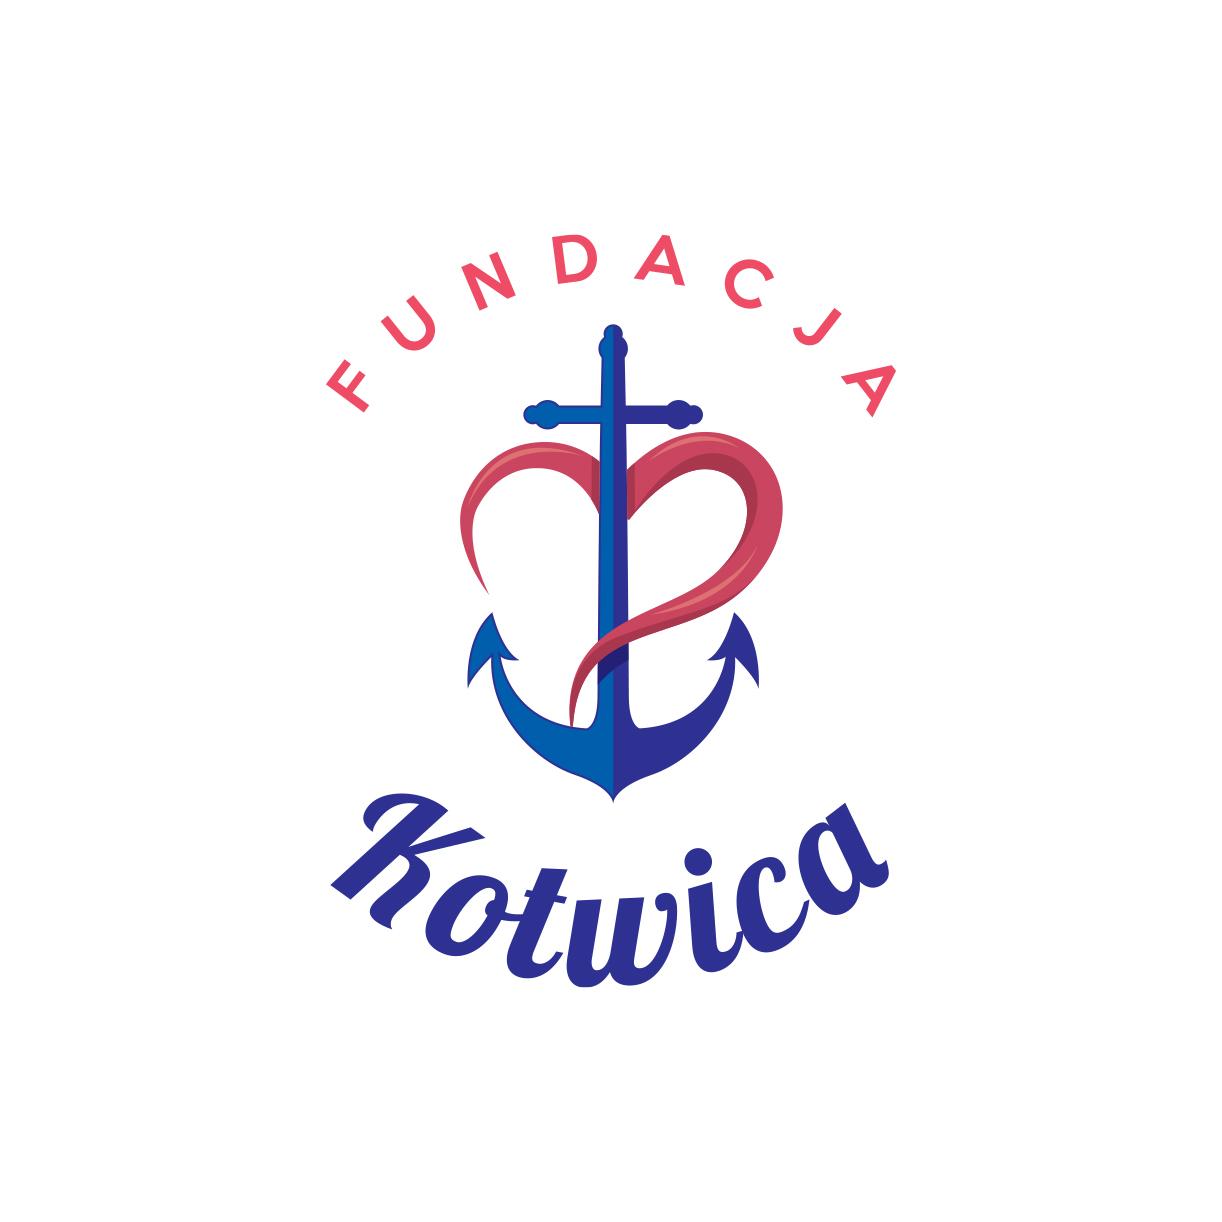 Fundacja Kotwica